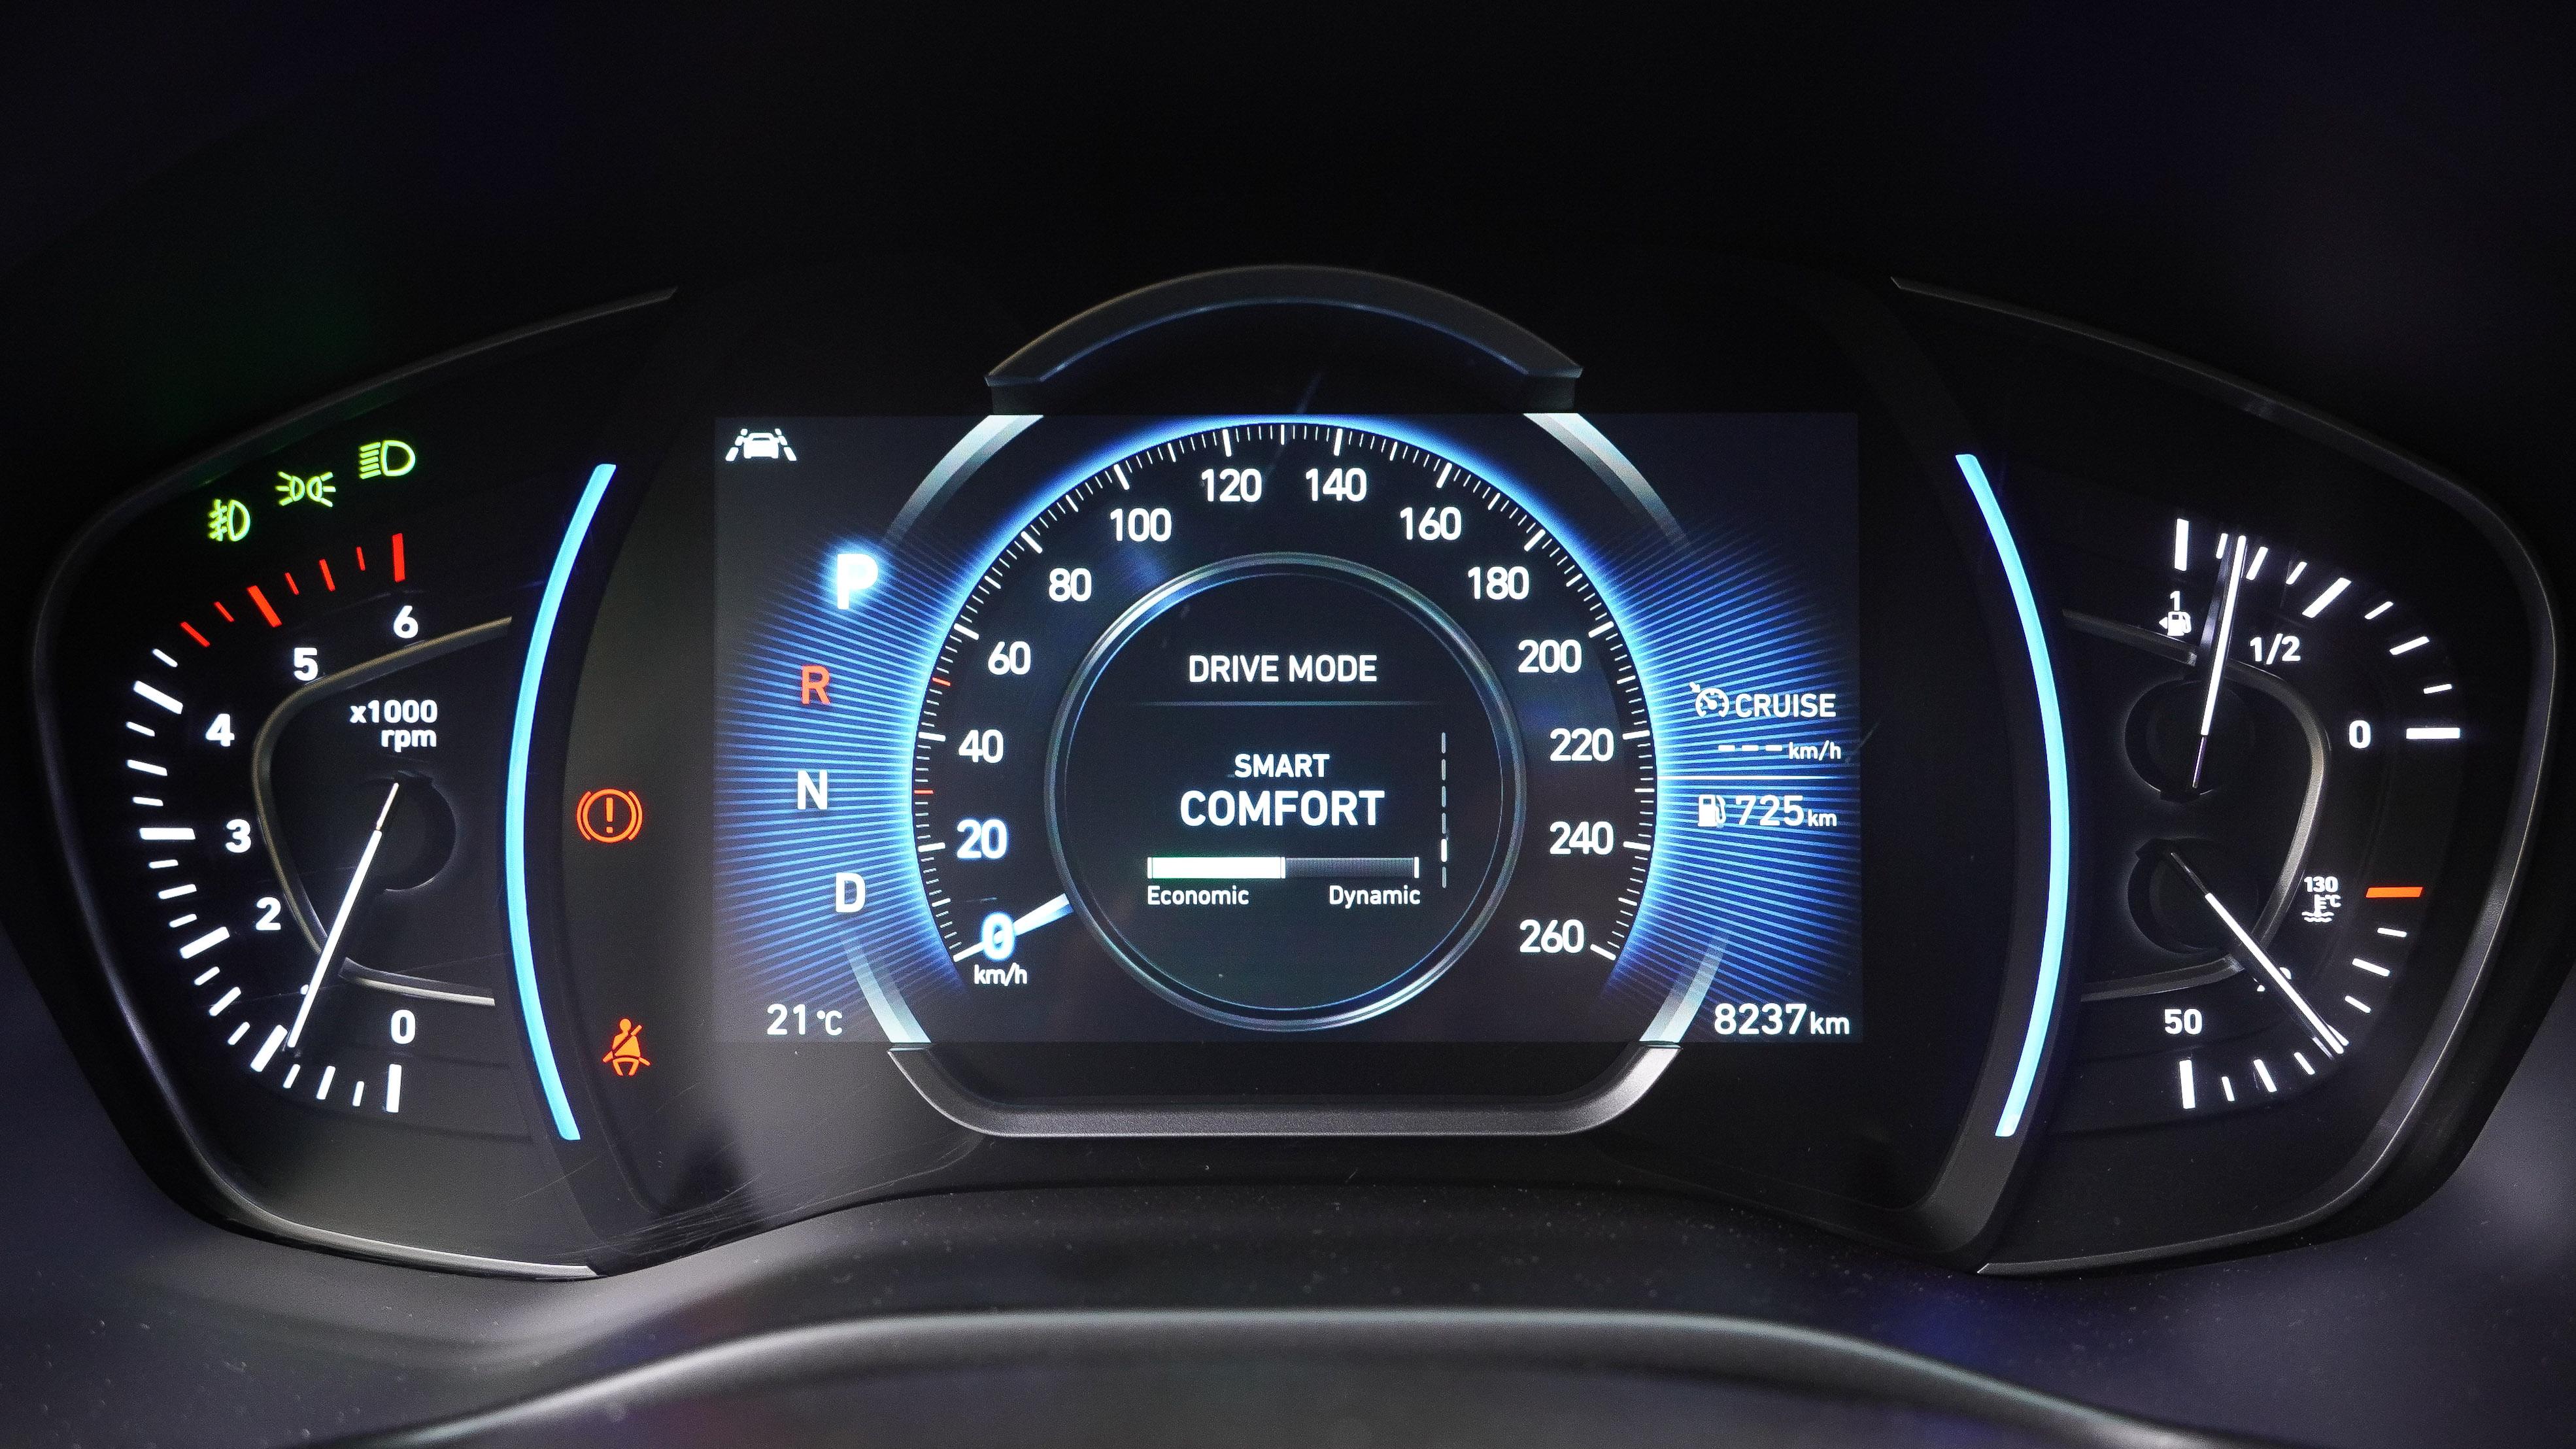 旗艦車型標配 7 吋全彩高解析度數位儀表,呈現方式隨著不同駕駛模式改變。